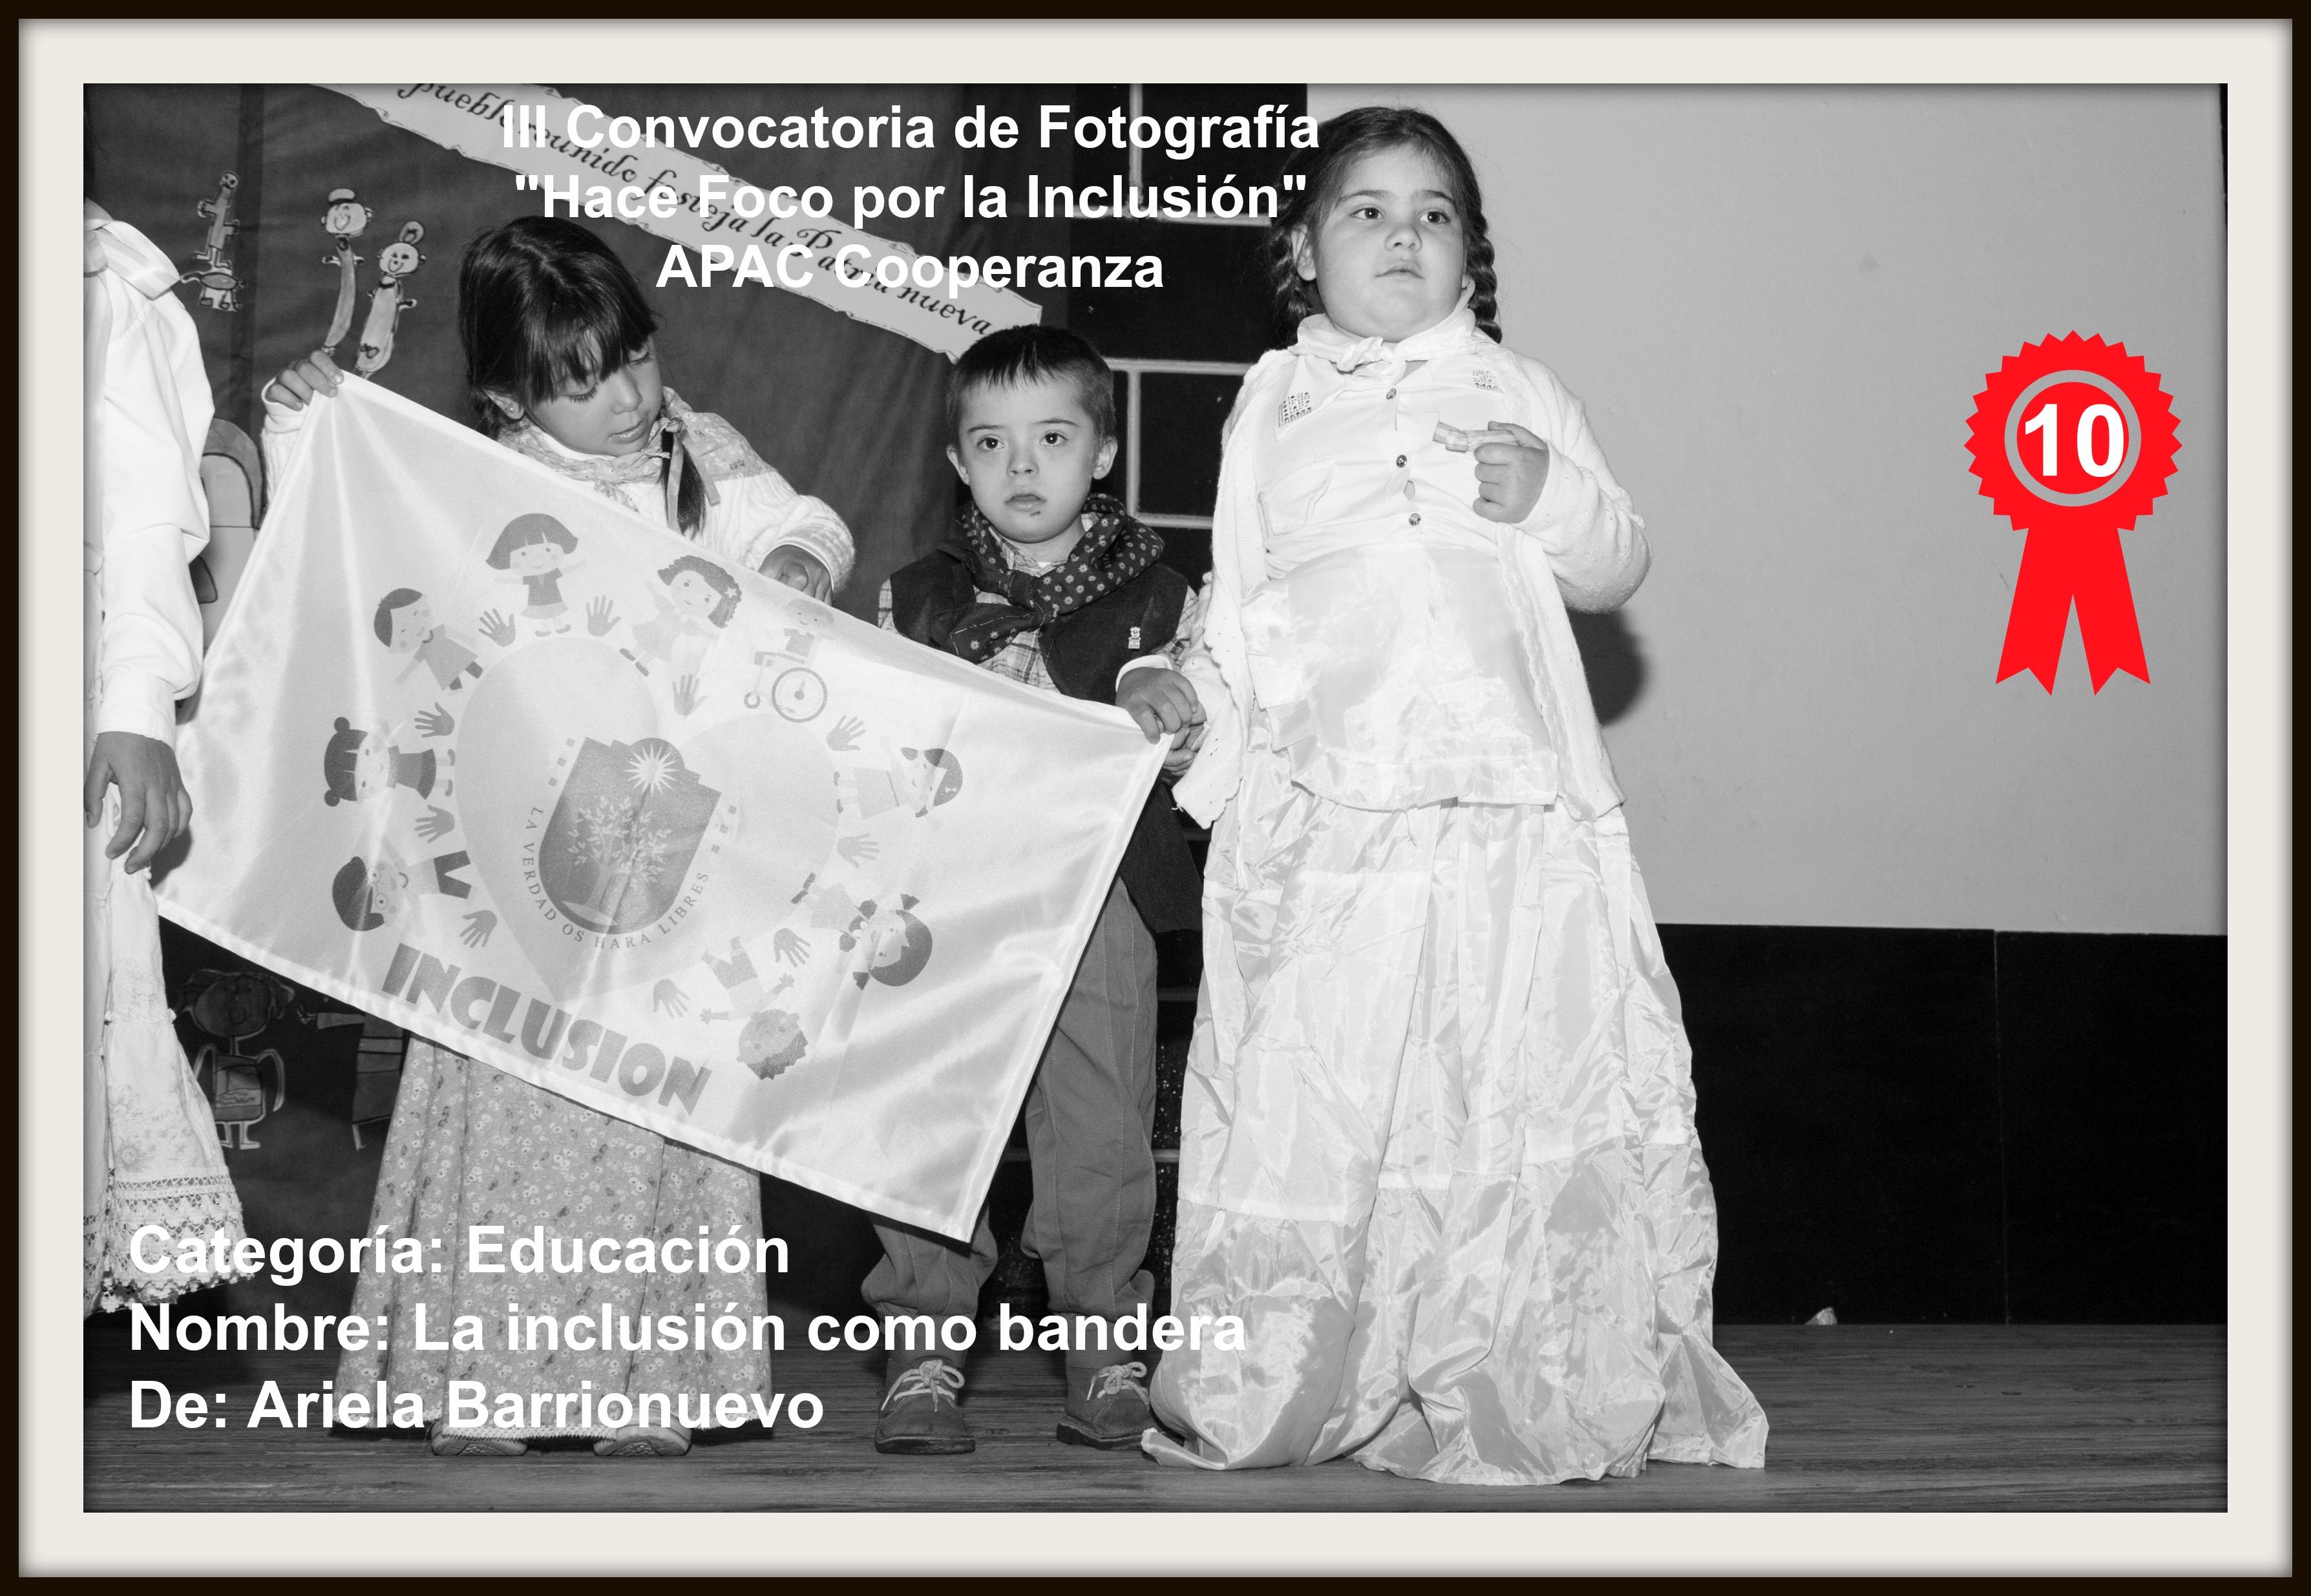 PUESTO 10: La Inclusión como Bandera de Ariela Barrionuevo